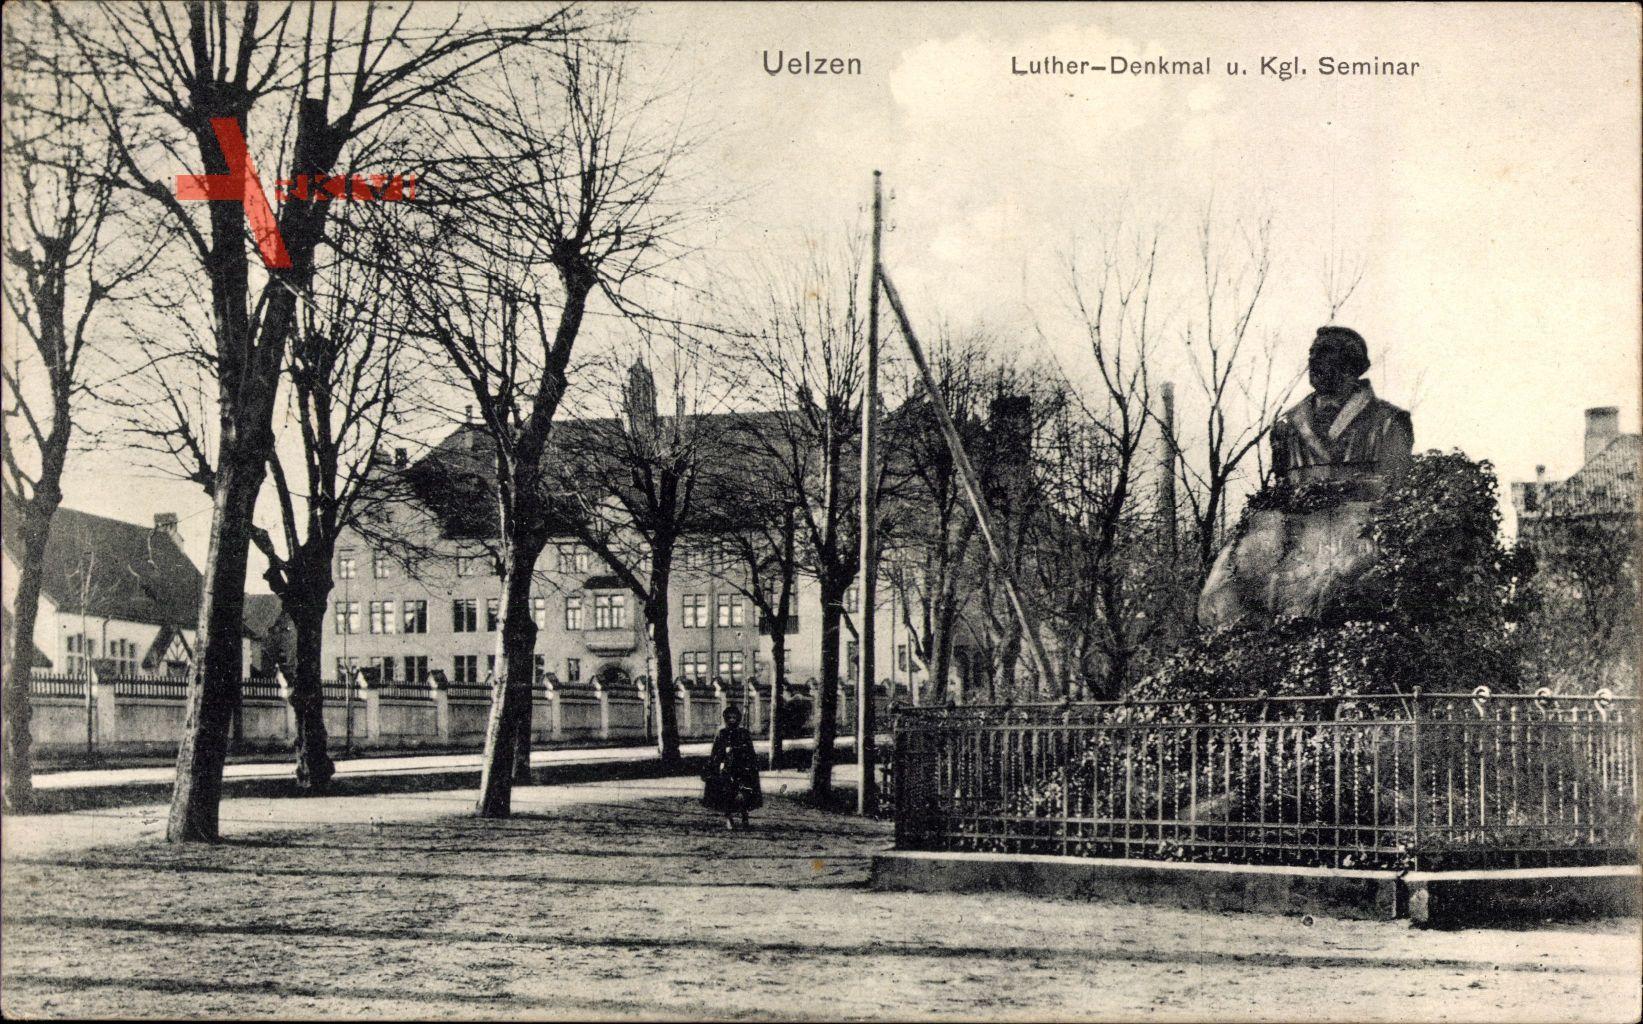 Uelzen in Niedersachsen, Lutherdenkmal und Königliches Seminar